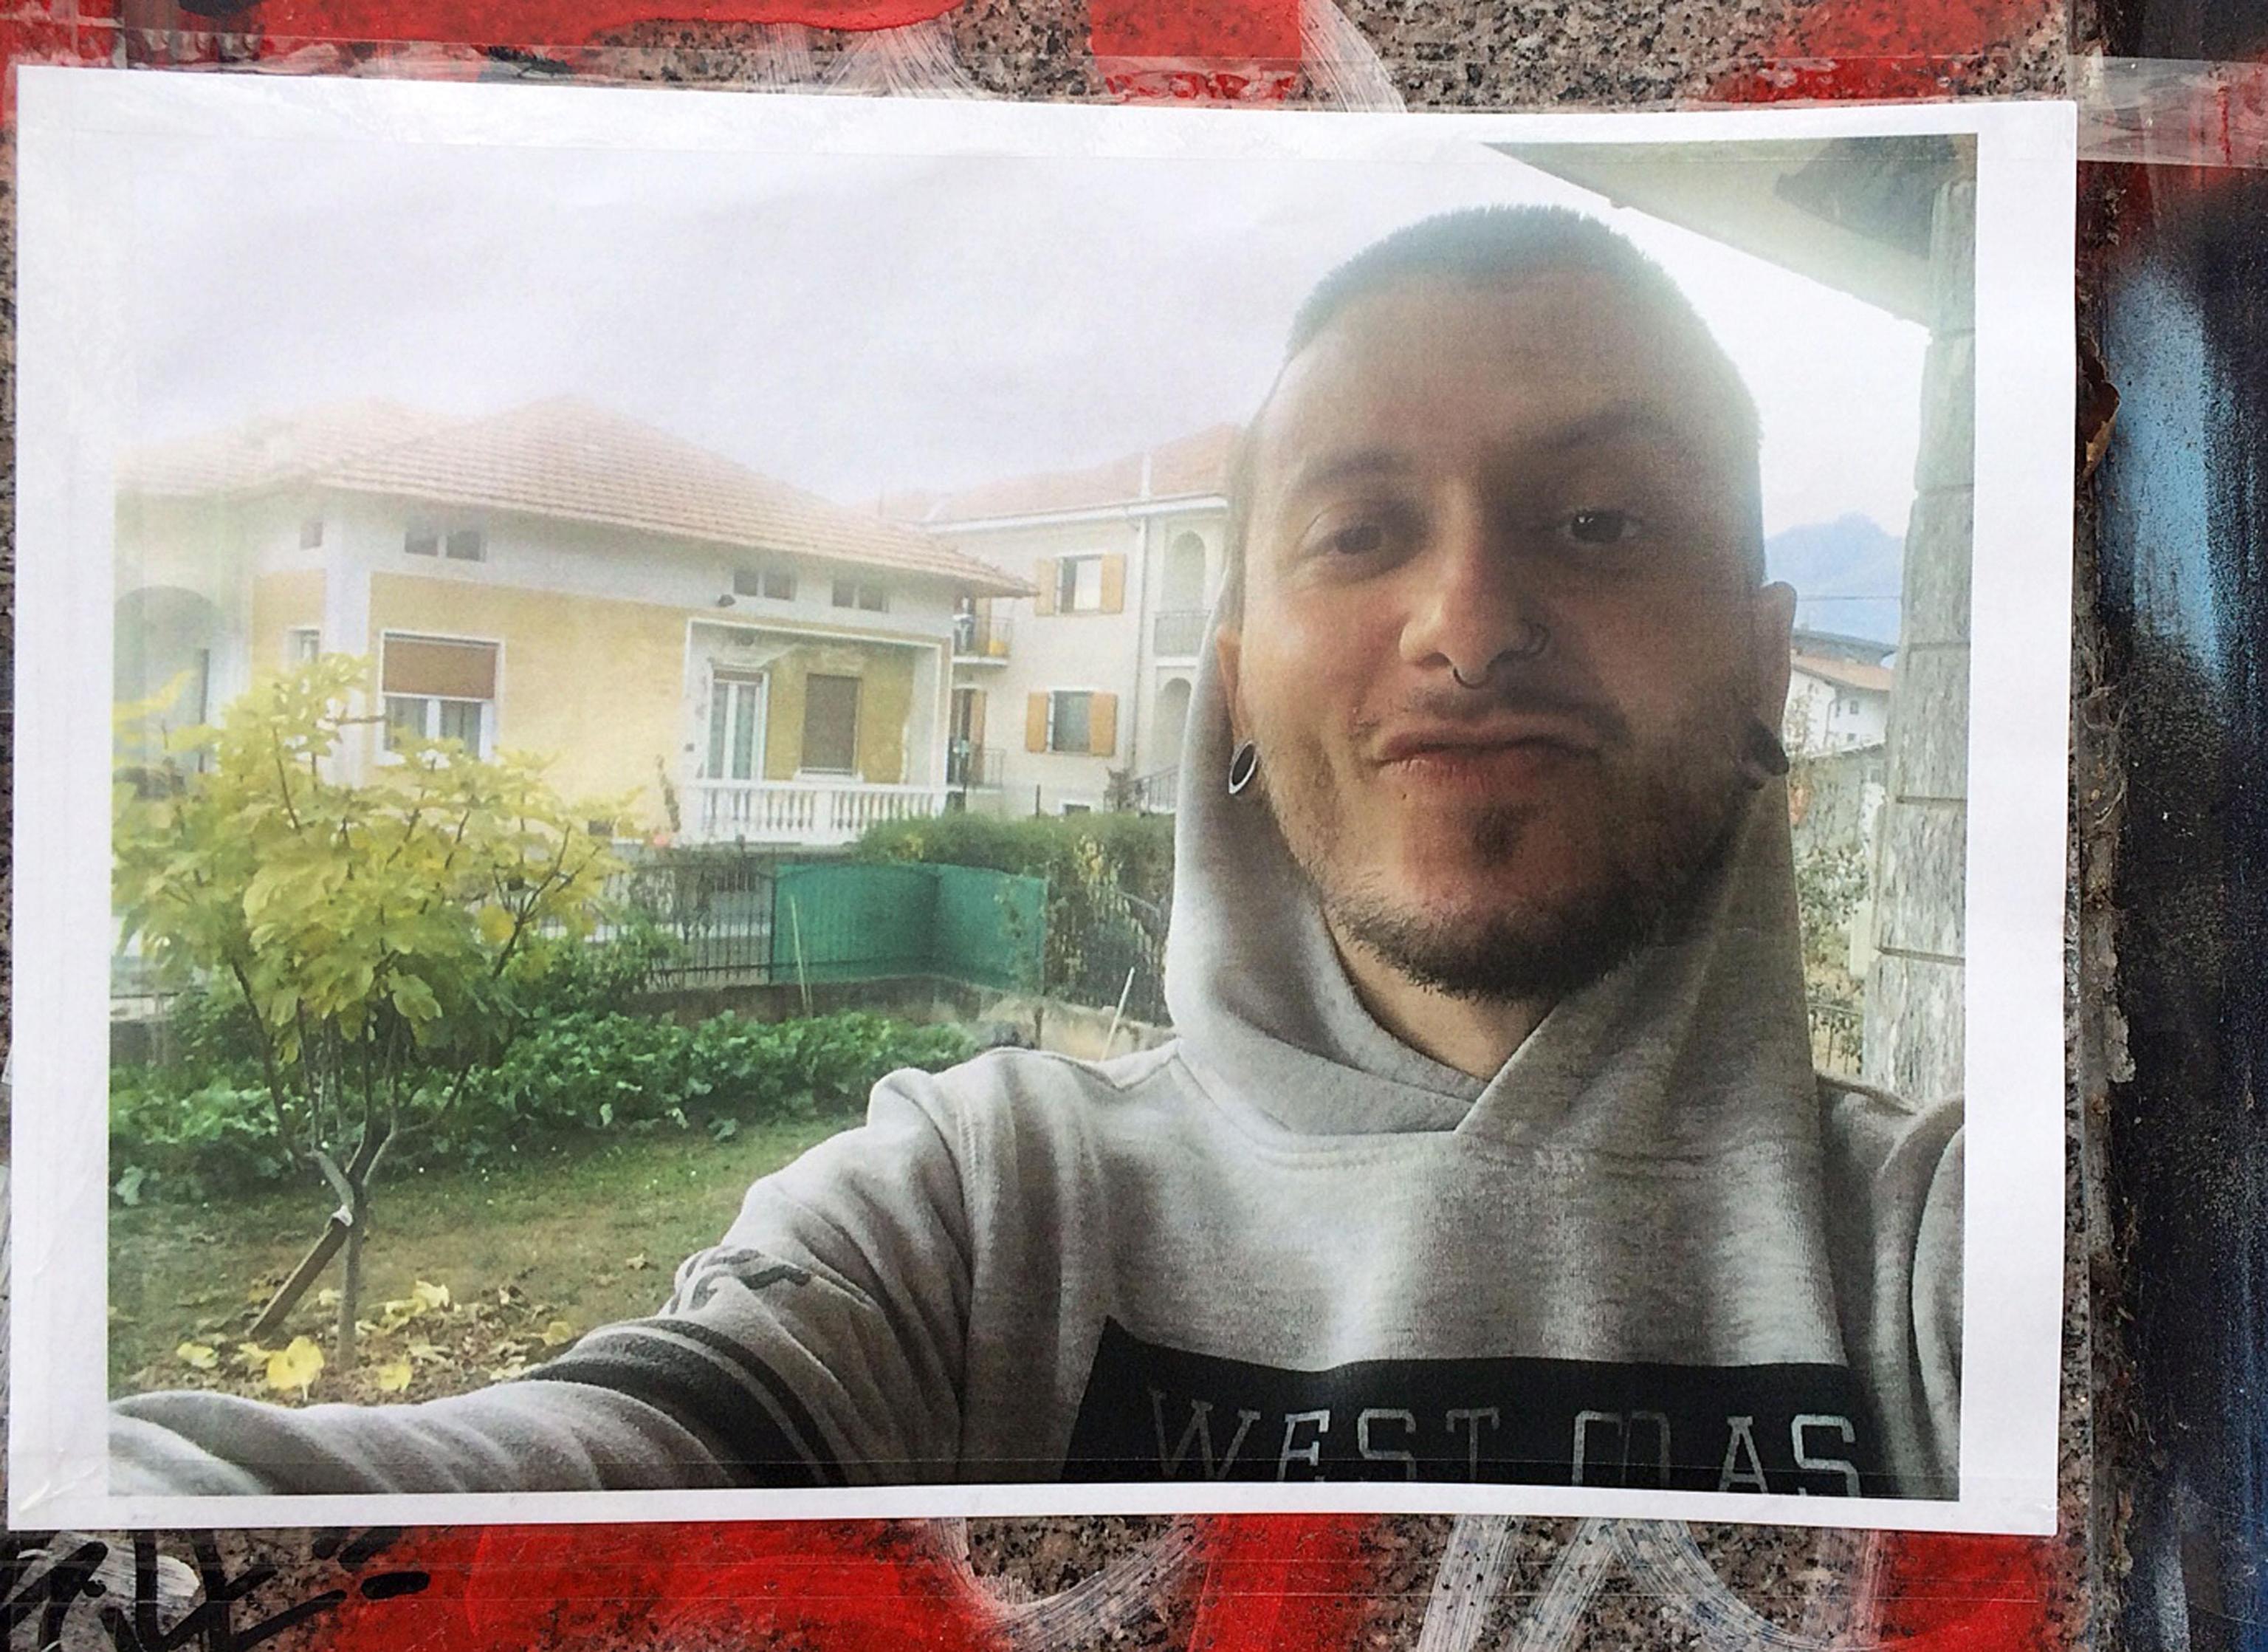 Omicidio ai Murazzi di Torino, confermata la condanna a 30 anni per l'assassino di Stefano Leo